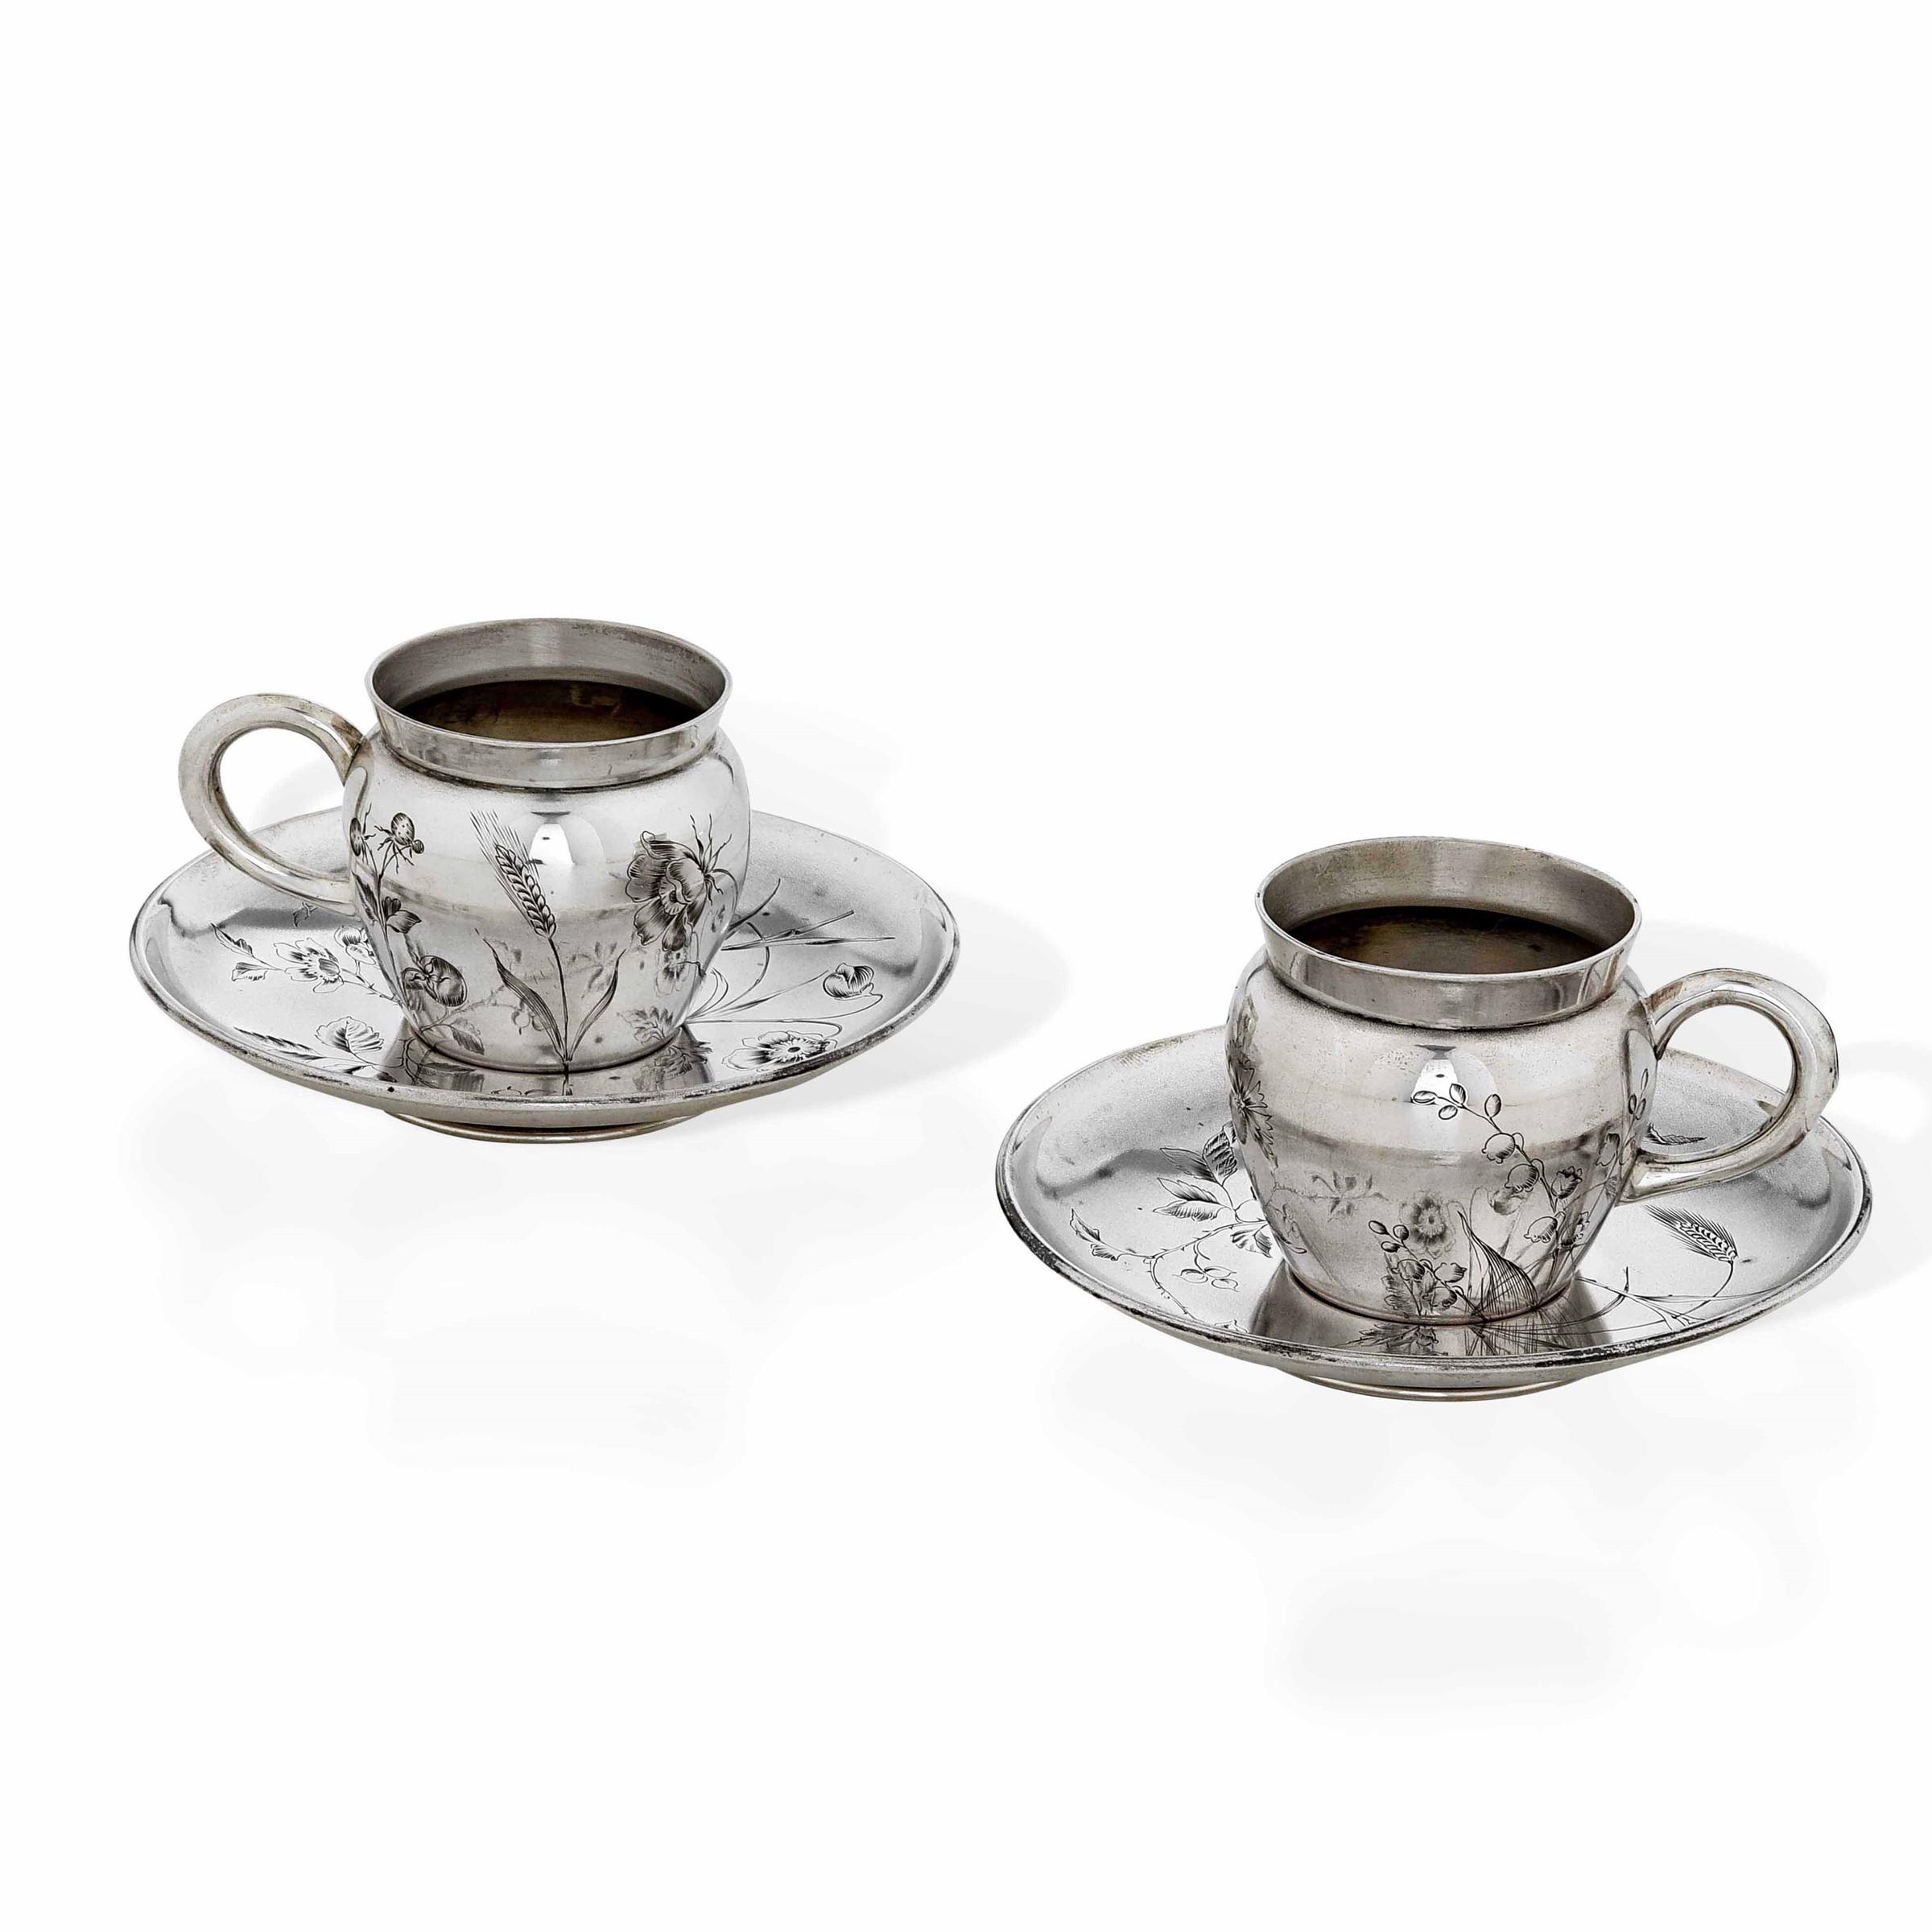 Servizio tete a tete in argento Art Nouveau composto da due tazze e piattini. Punzoni [...]